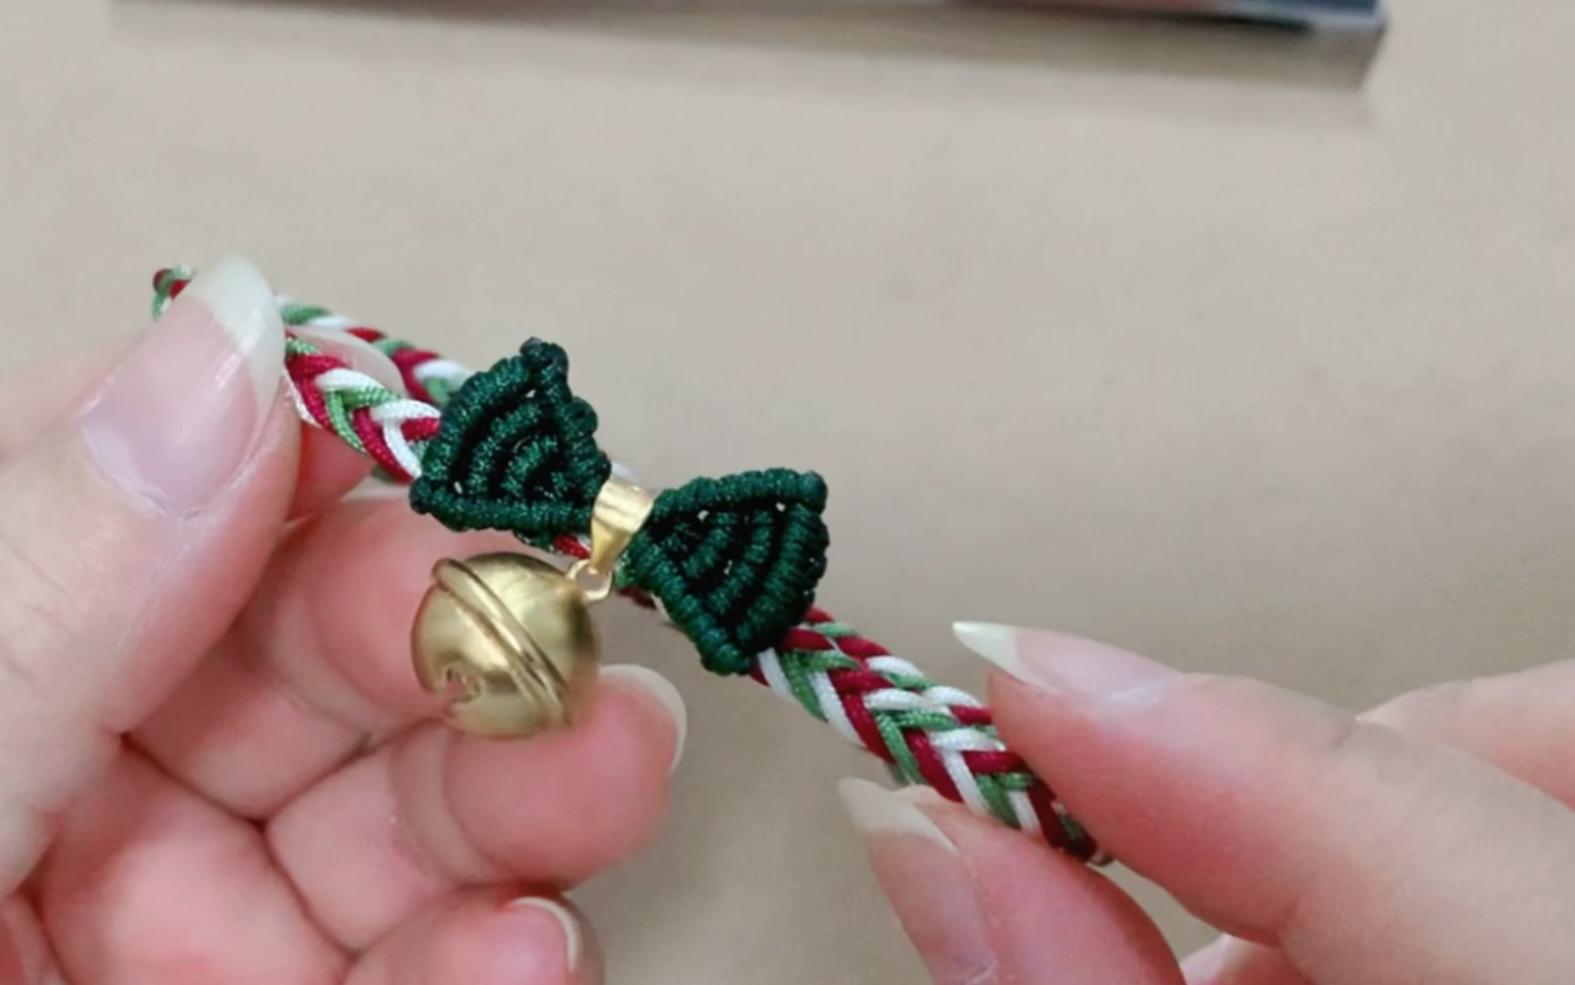 中国结论坛 在逃公主手绳编法圣诞节版本 戒指用绳子怎么编,转运珠手链编织,小金珠子编手链款式,蝴蝶结戒指编织教程 视频教程区 091041v44mzufwzbnxc74k